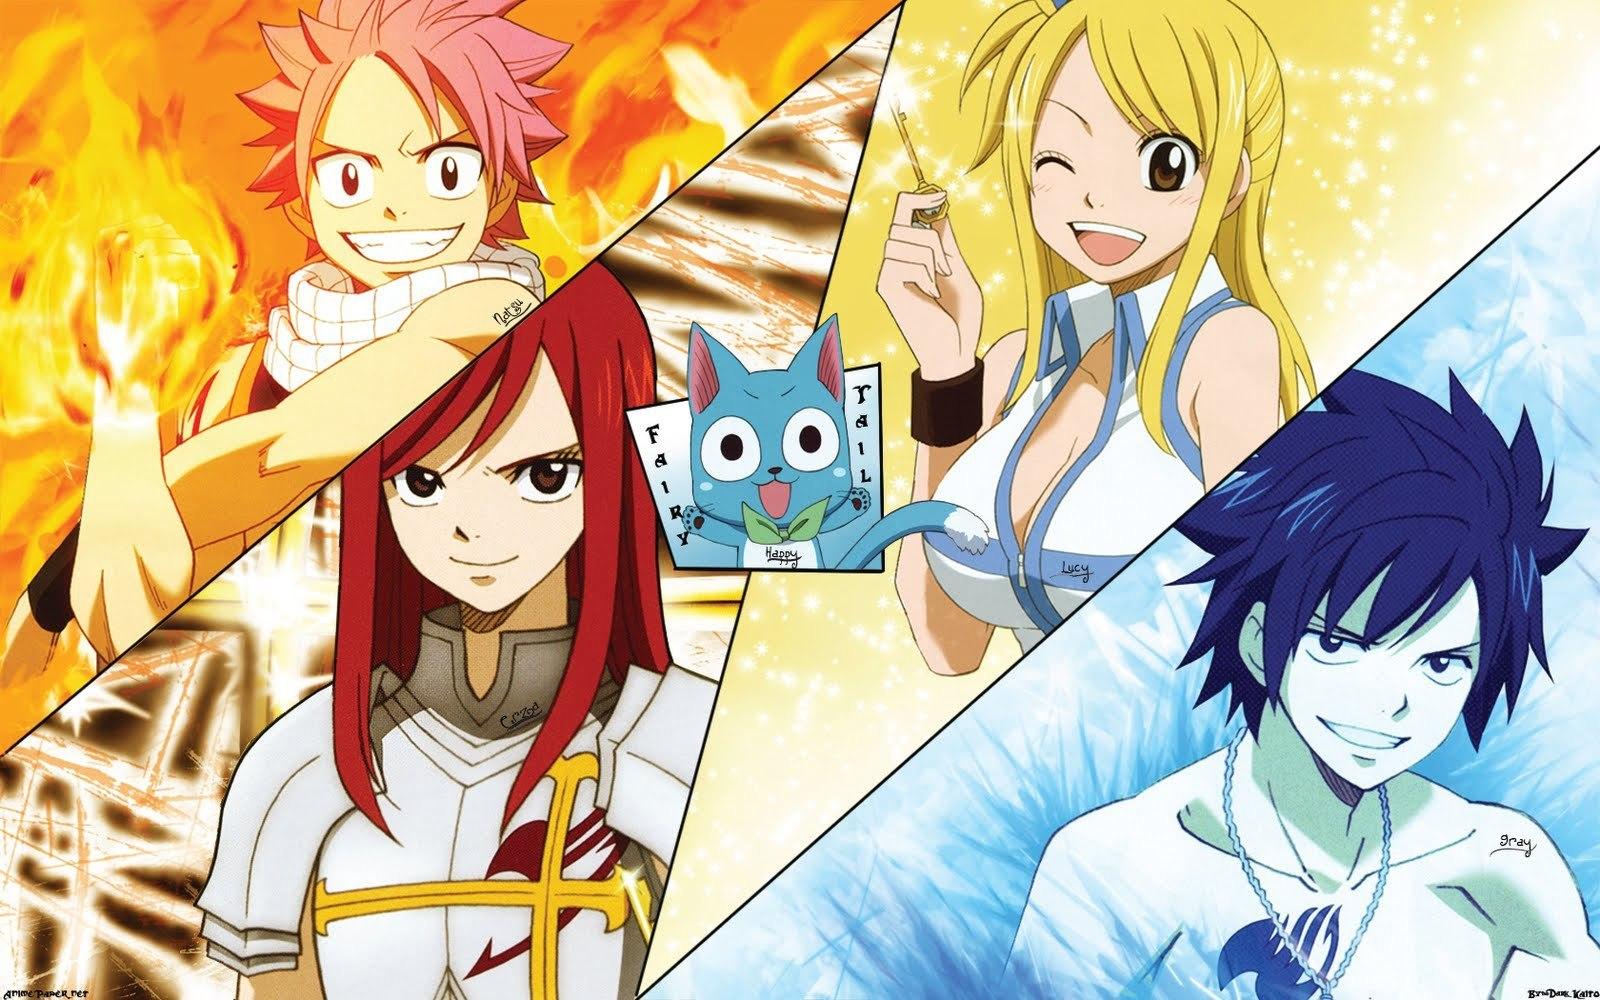 fairytale anime